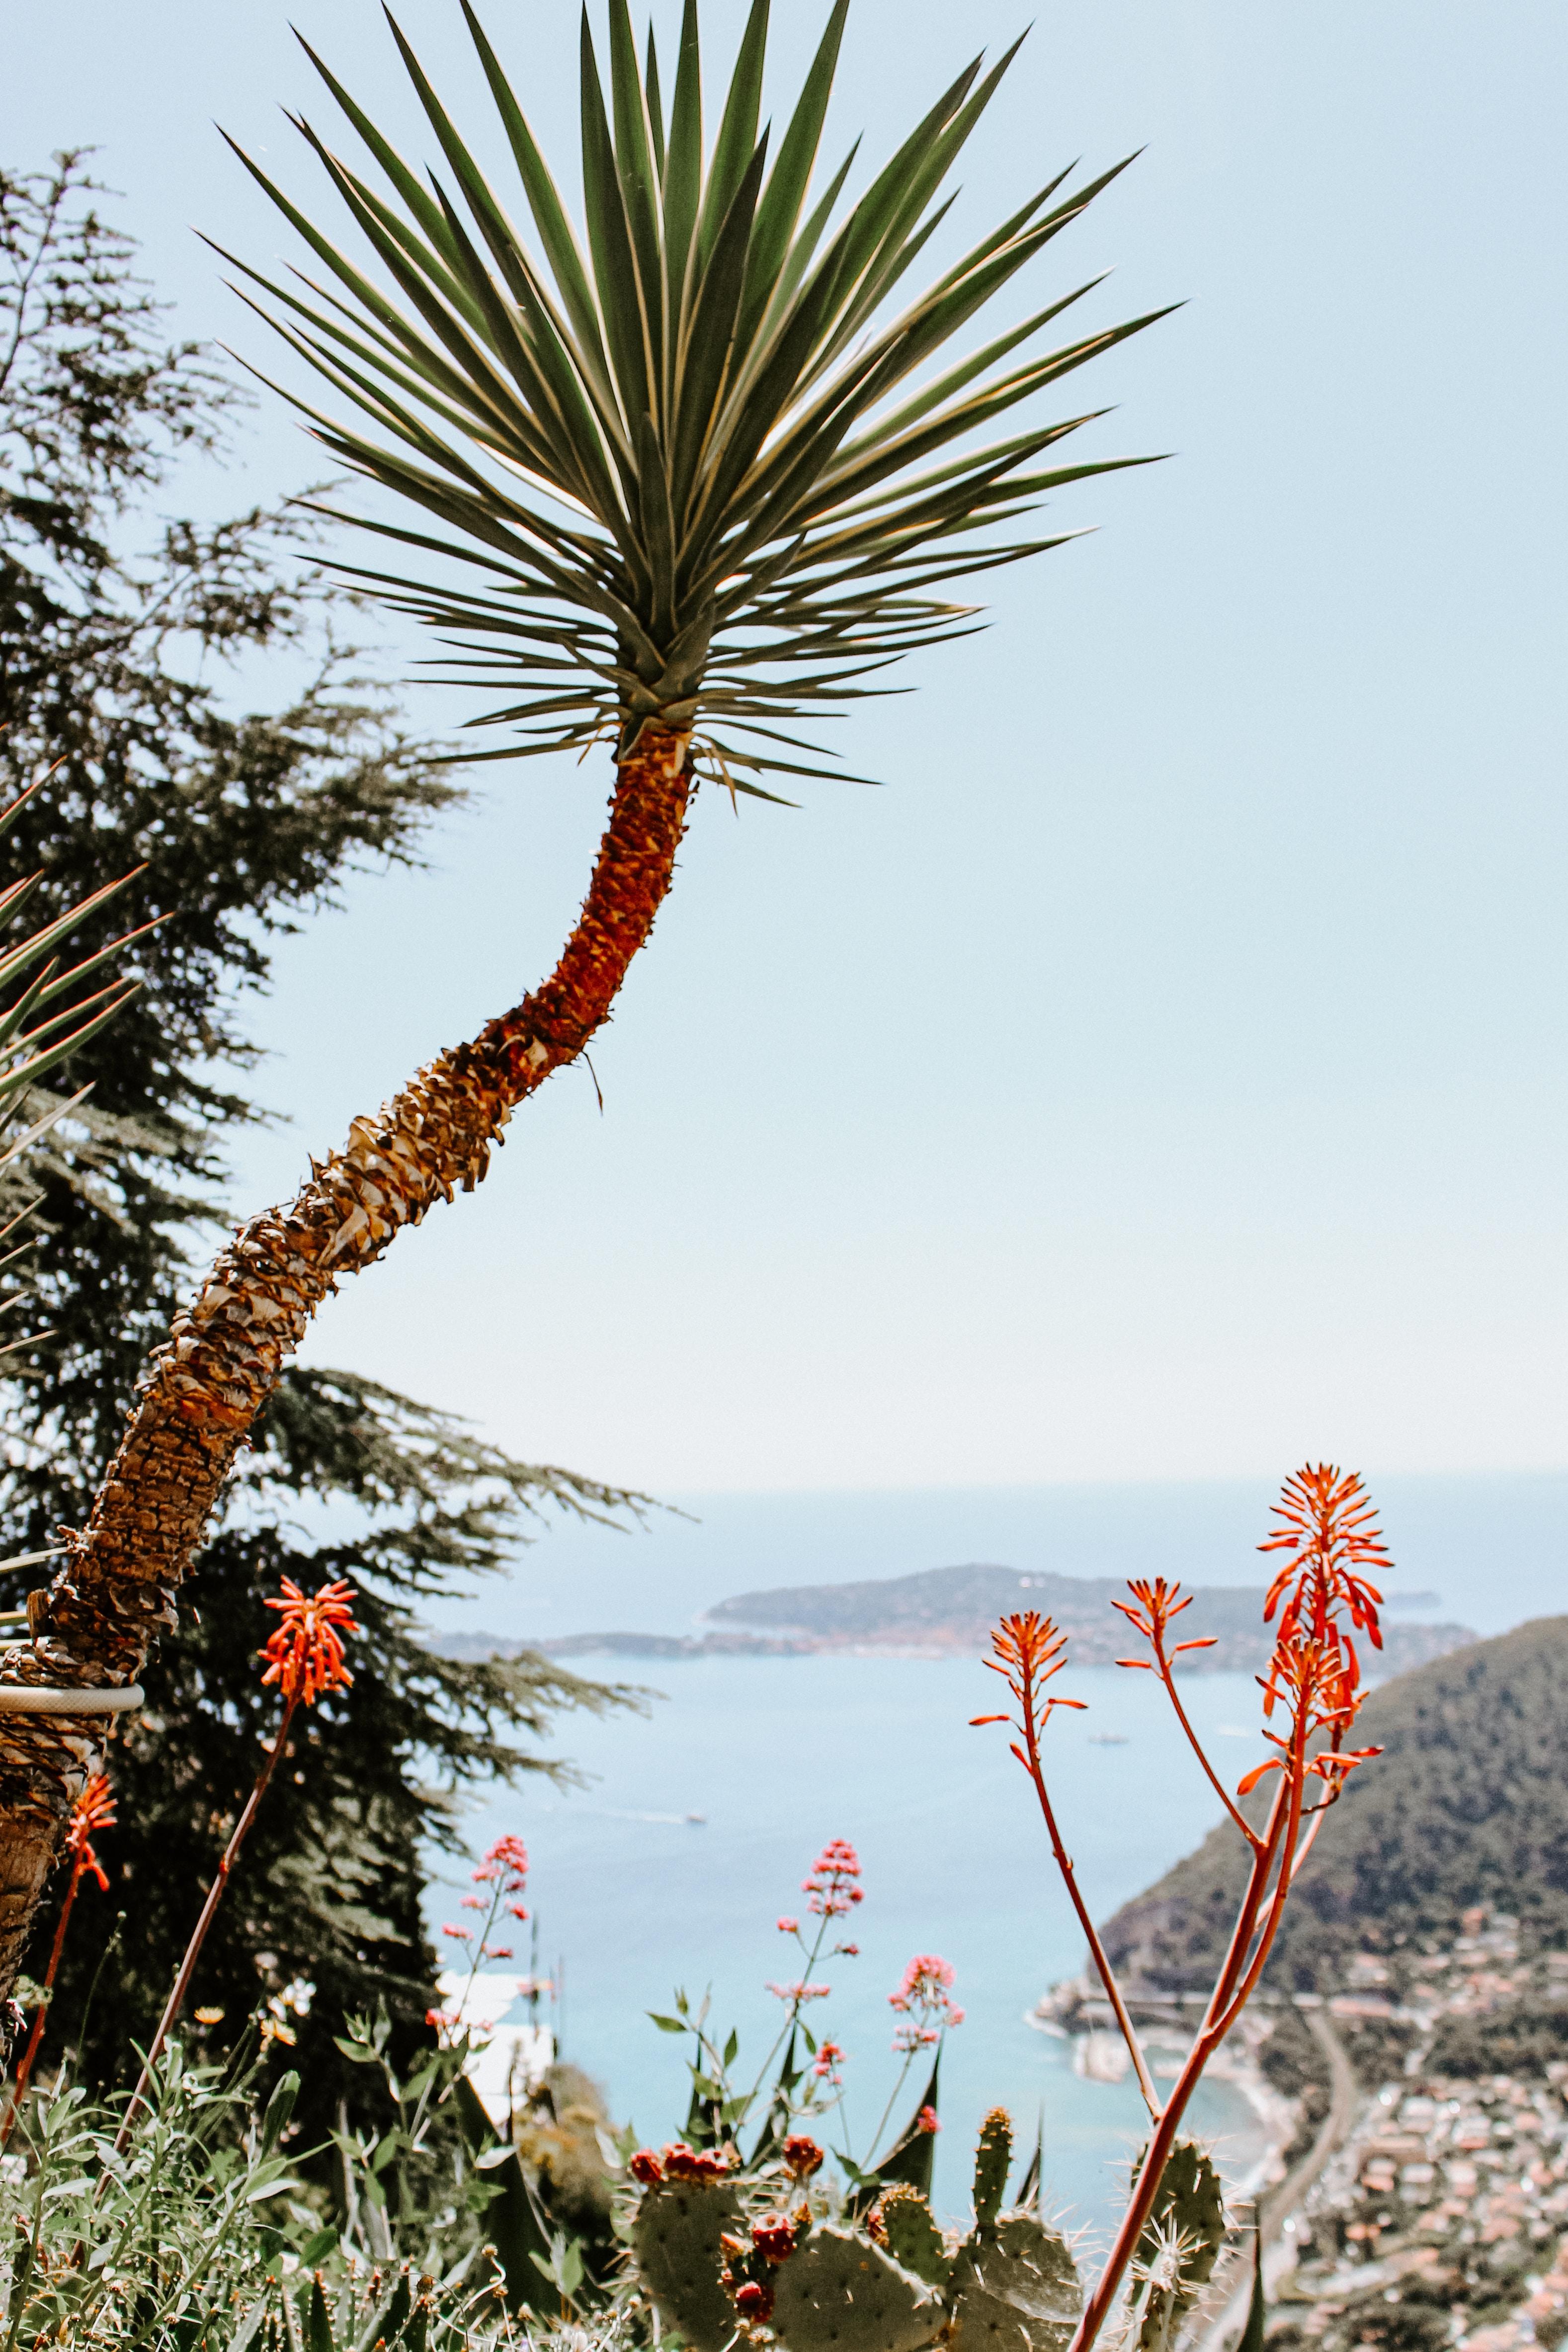 Téléchargez des papiers peints mobile Paysage, Plantes, Nature, Côte, Paume, Falaise gratuitement.